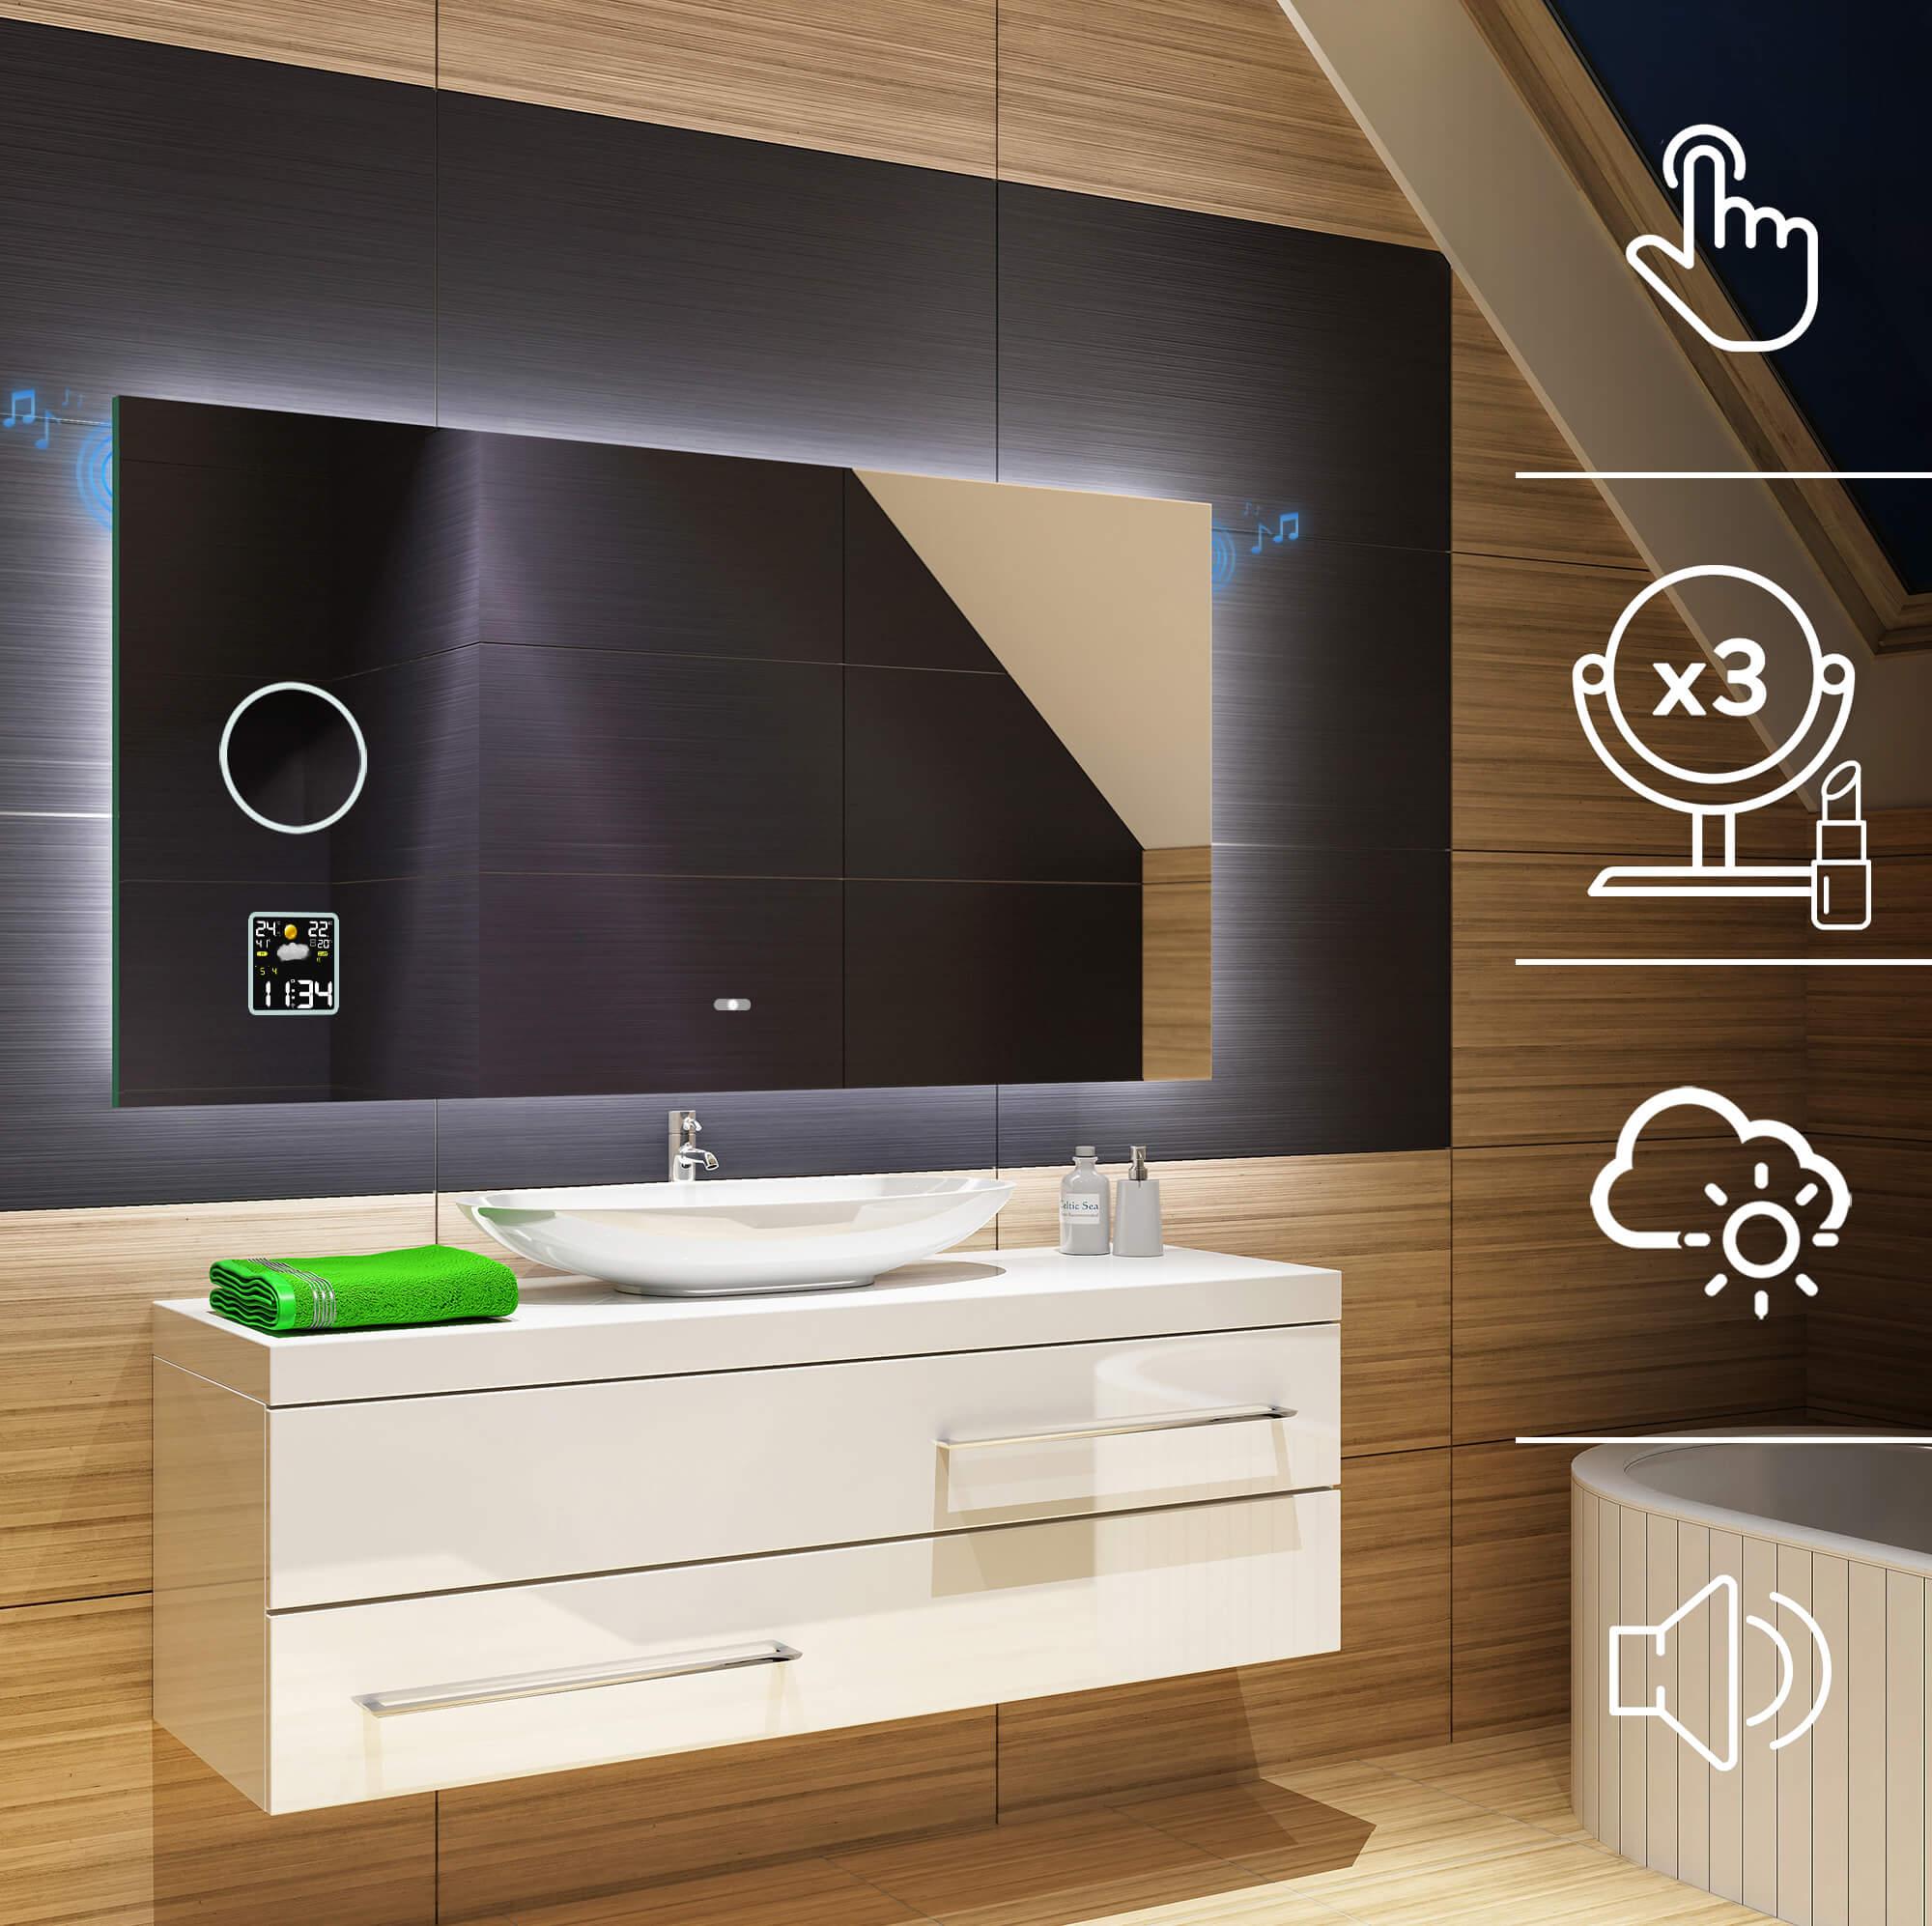 Moderne Miroir Salle De Bain Avec LED Illumination Éclairage Miroirs Muraux L58